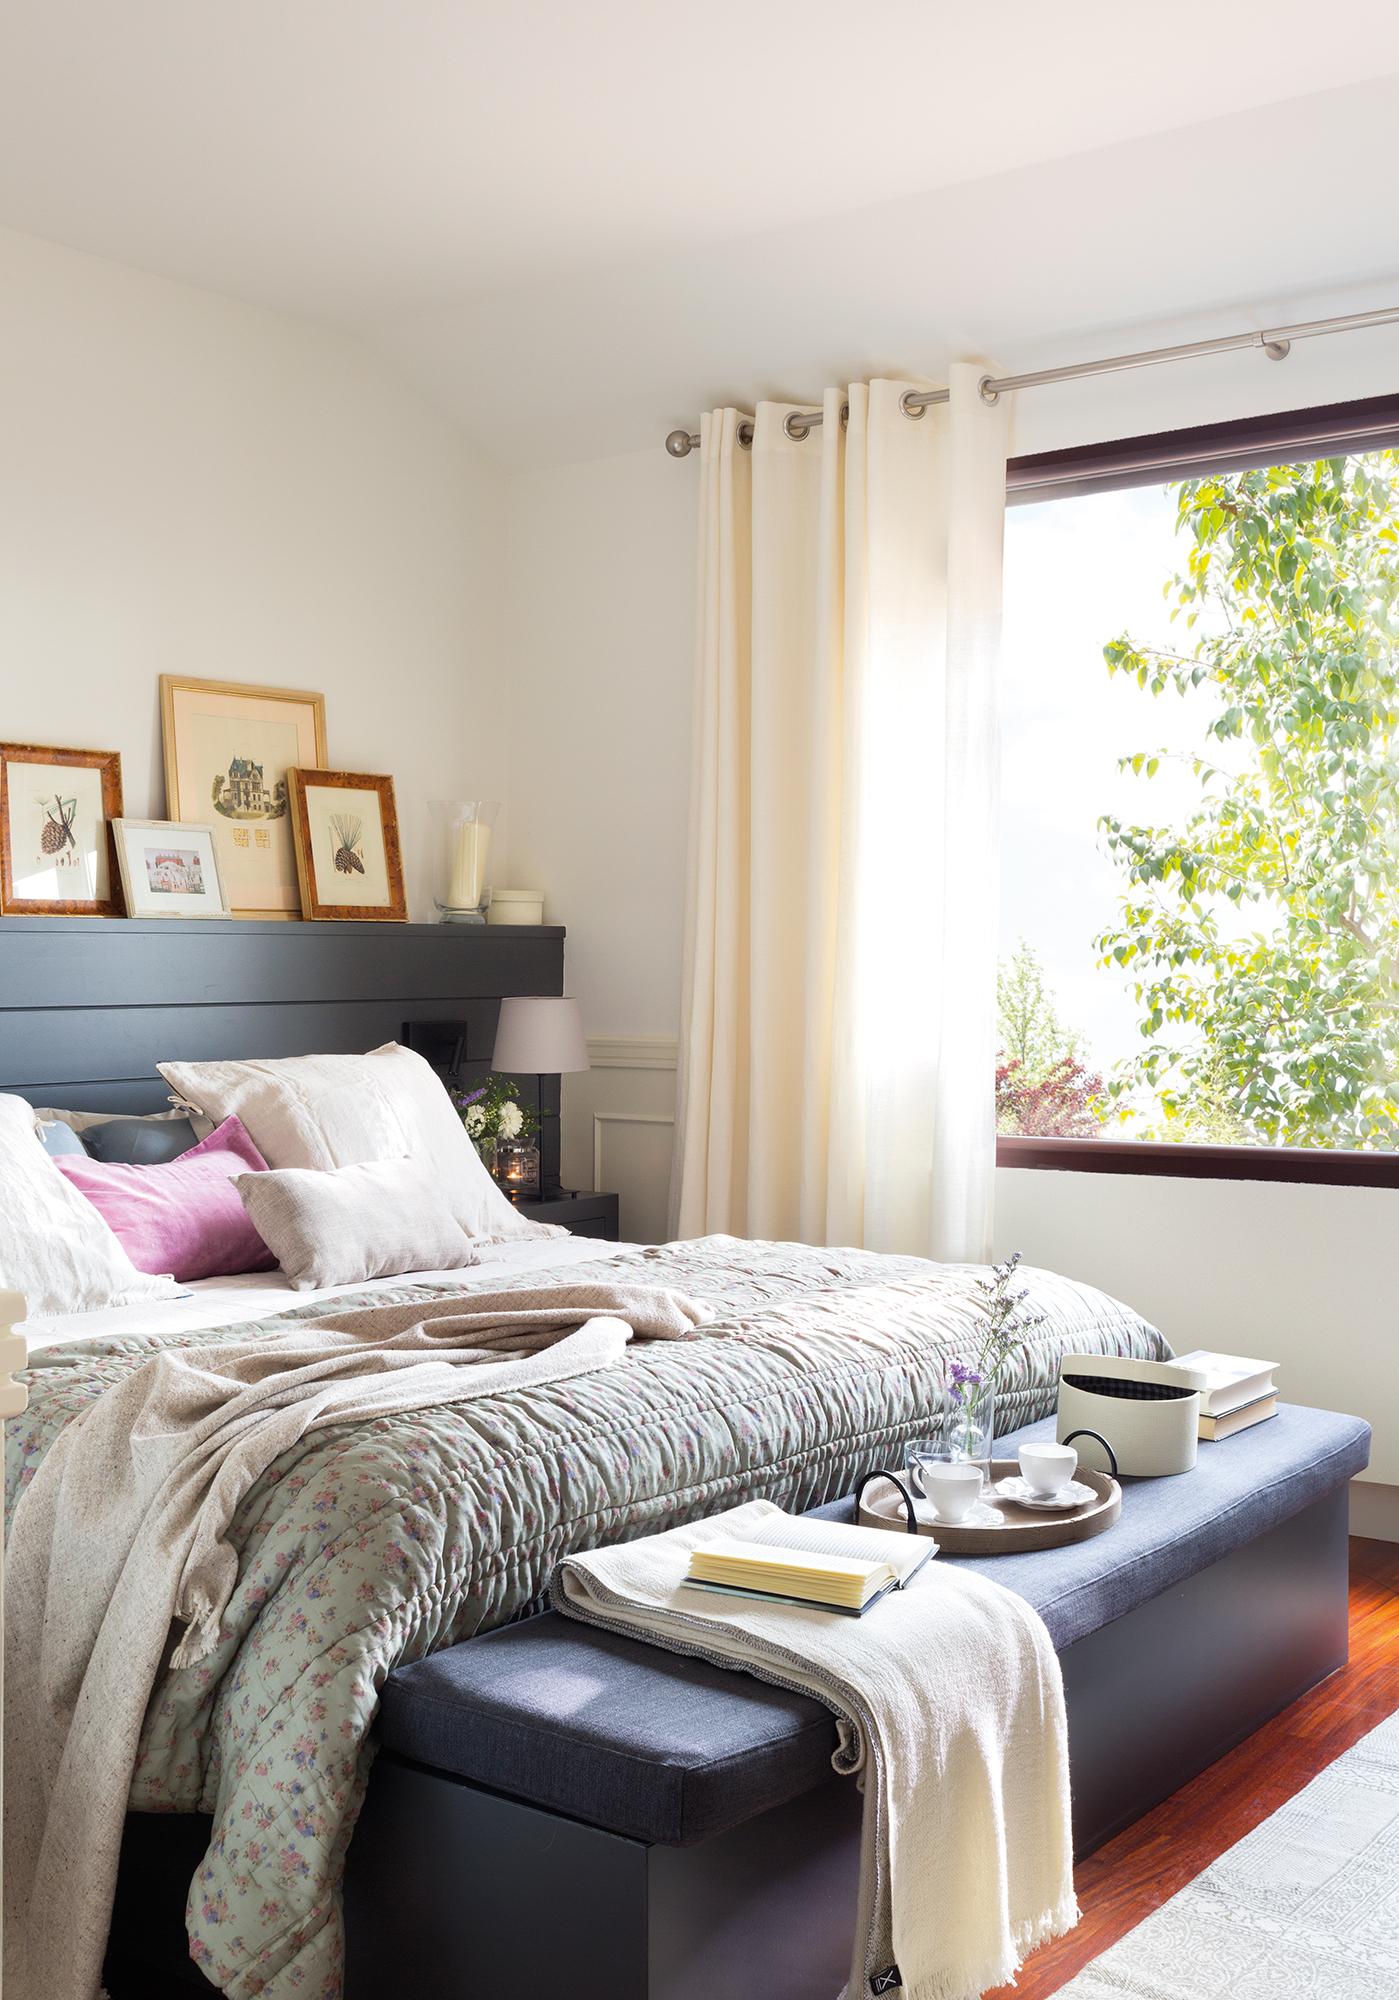 77 fotos de muebles de dormitorio for Dormitorio oscuro